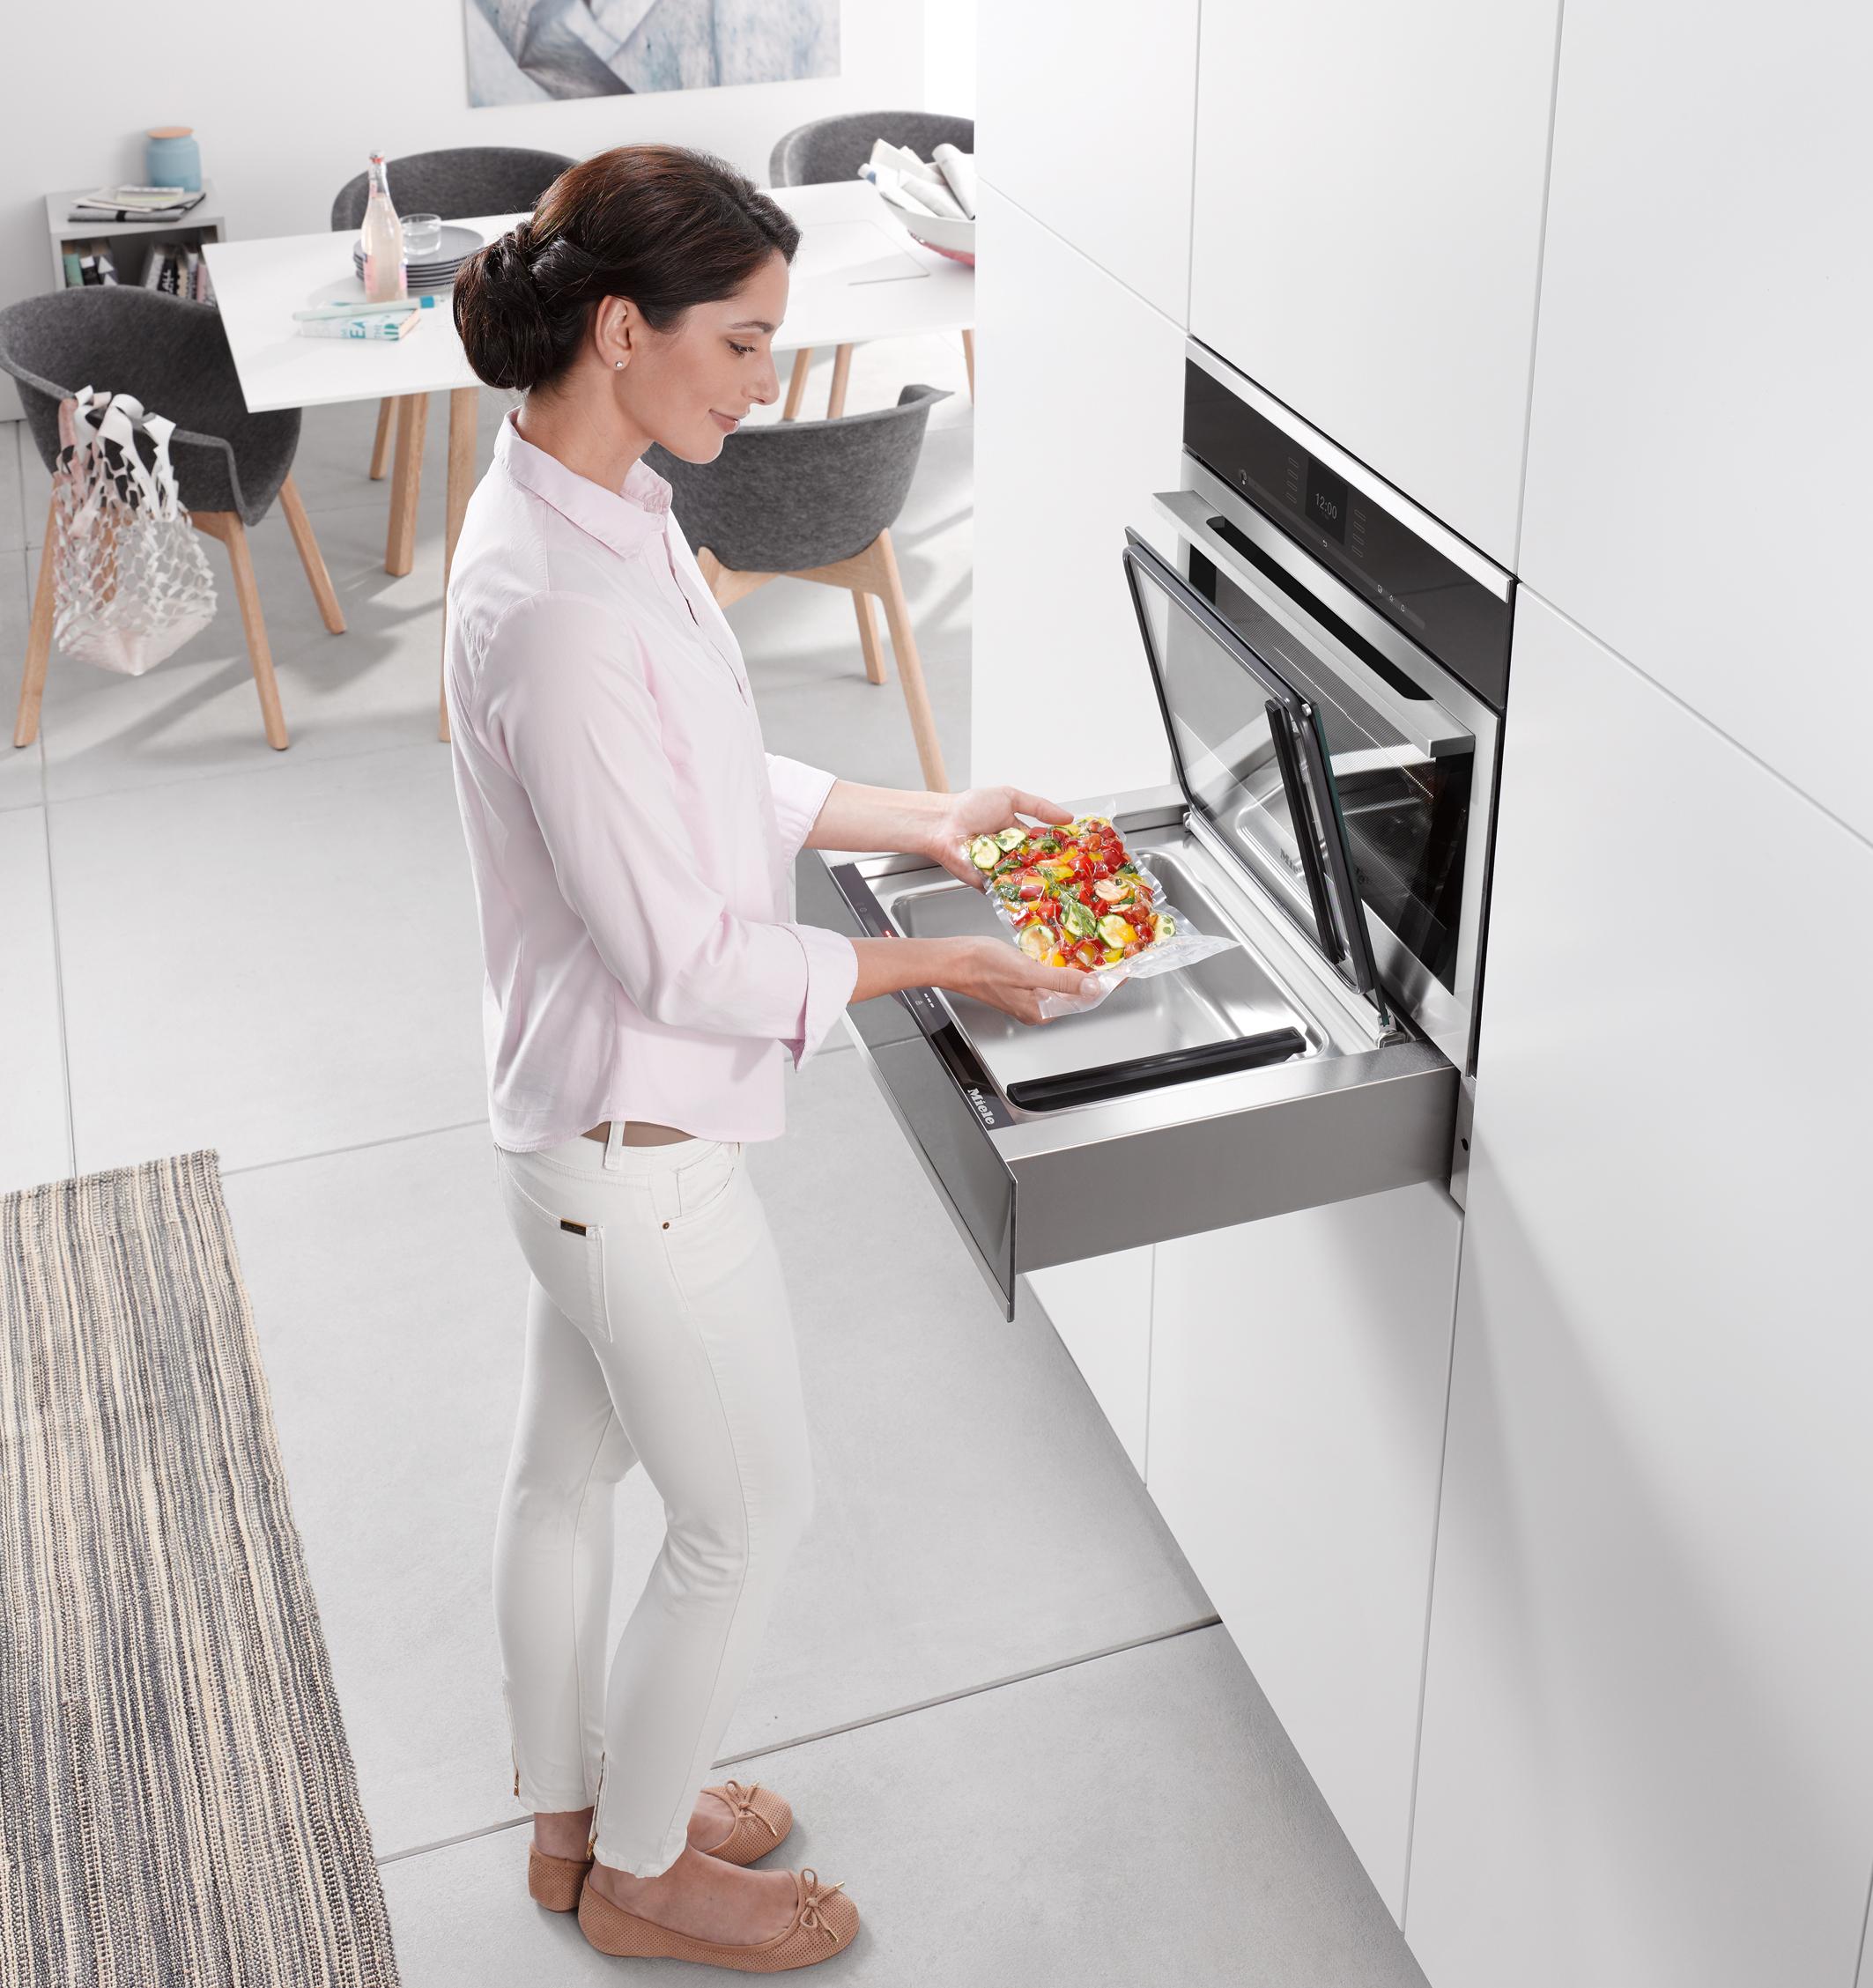 Mit der neuen Vakuumierschublade von Miele lassen sich Lebensmittel bedarfsgerecht portionieren und länger haltbar machen. Über der Vakuumierschublade ist der Dampfgarer mit vollwertiger Backofenfunktion DGC 6800 XL eingebaut.